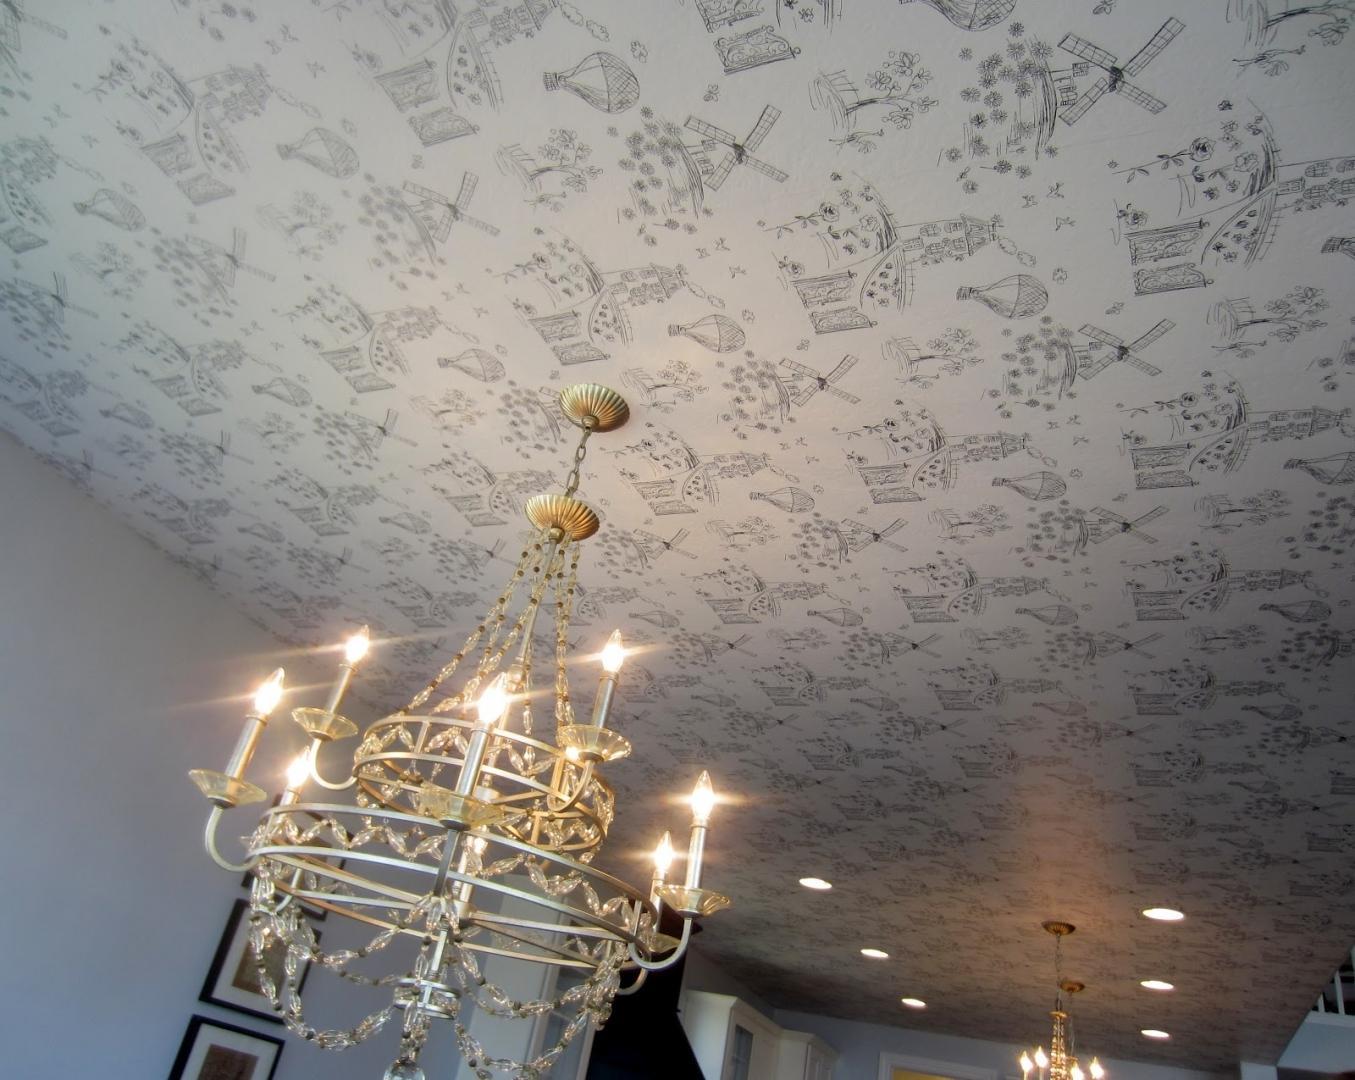 технологии картинки оклейка потолка обоями чепрак, приближающий окрас